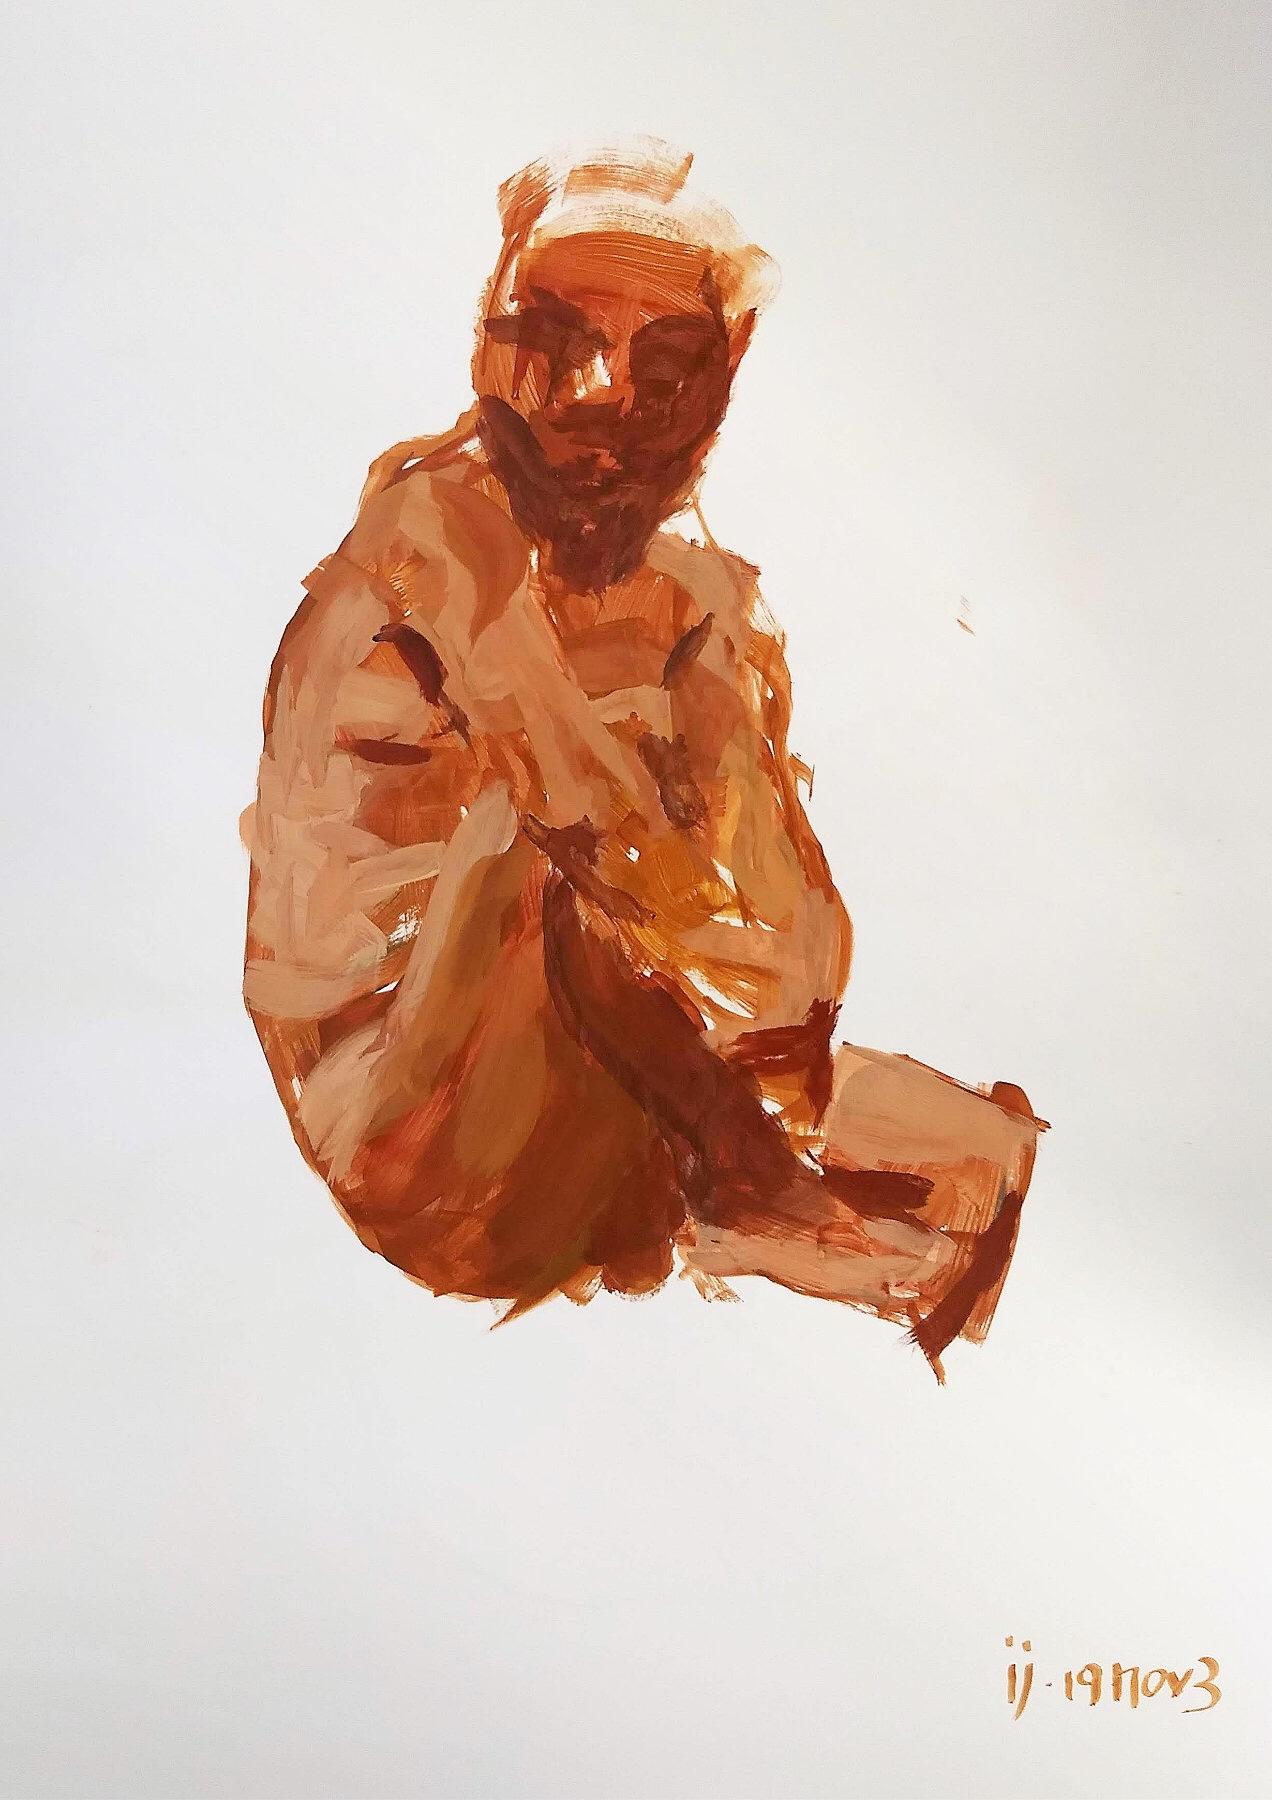 Desenho de um homem sentado abraçado em um dos joelhos